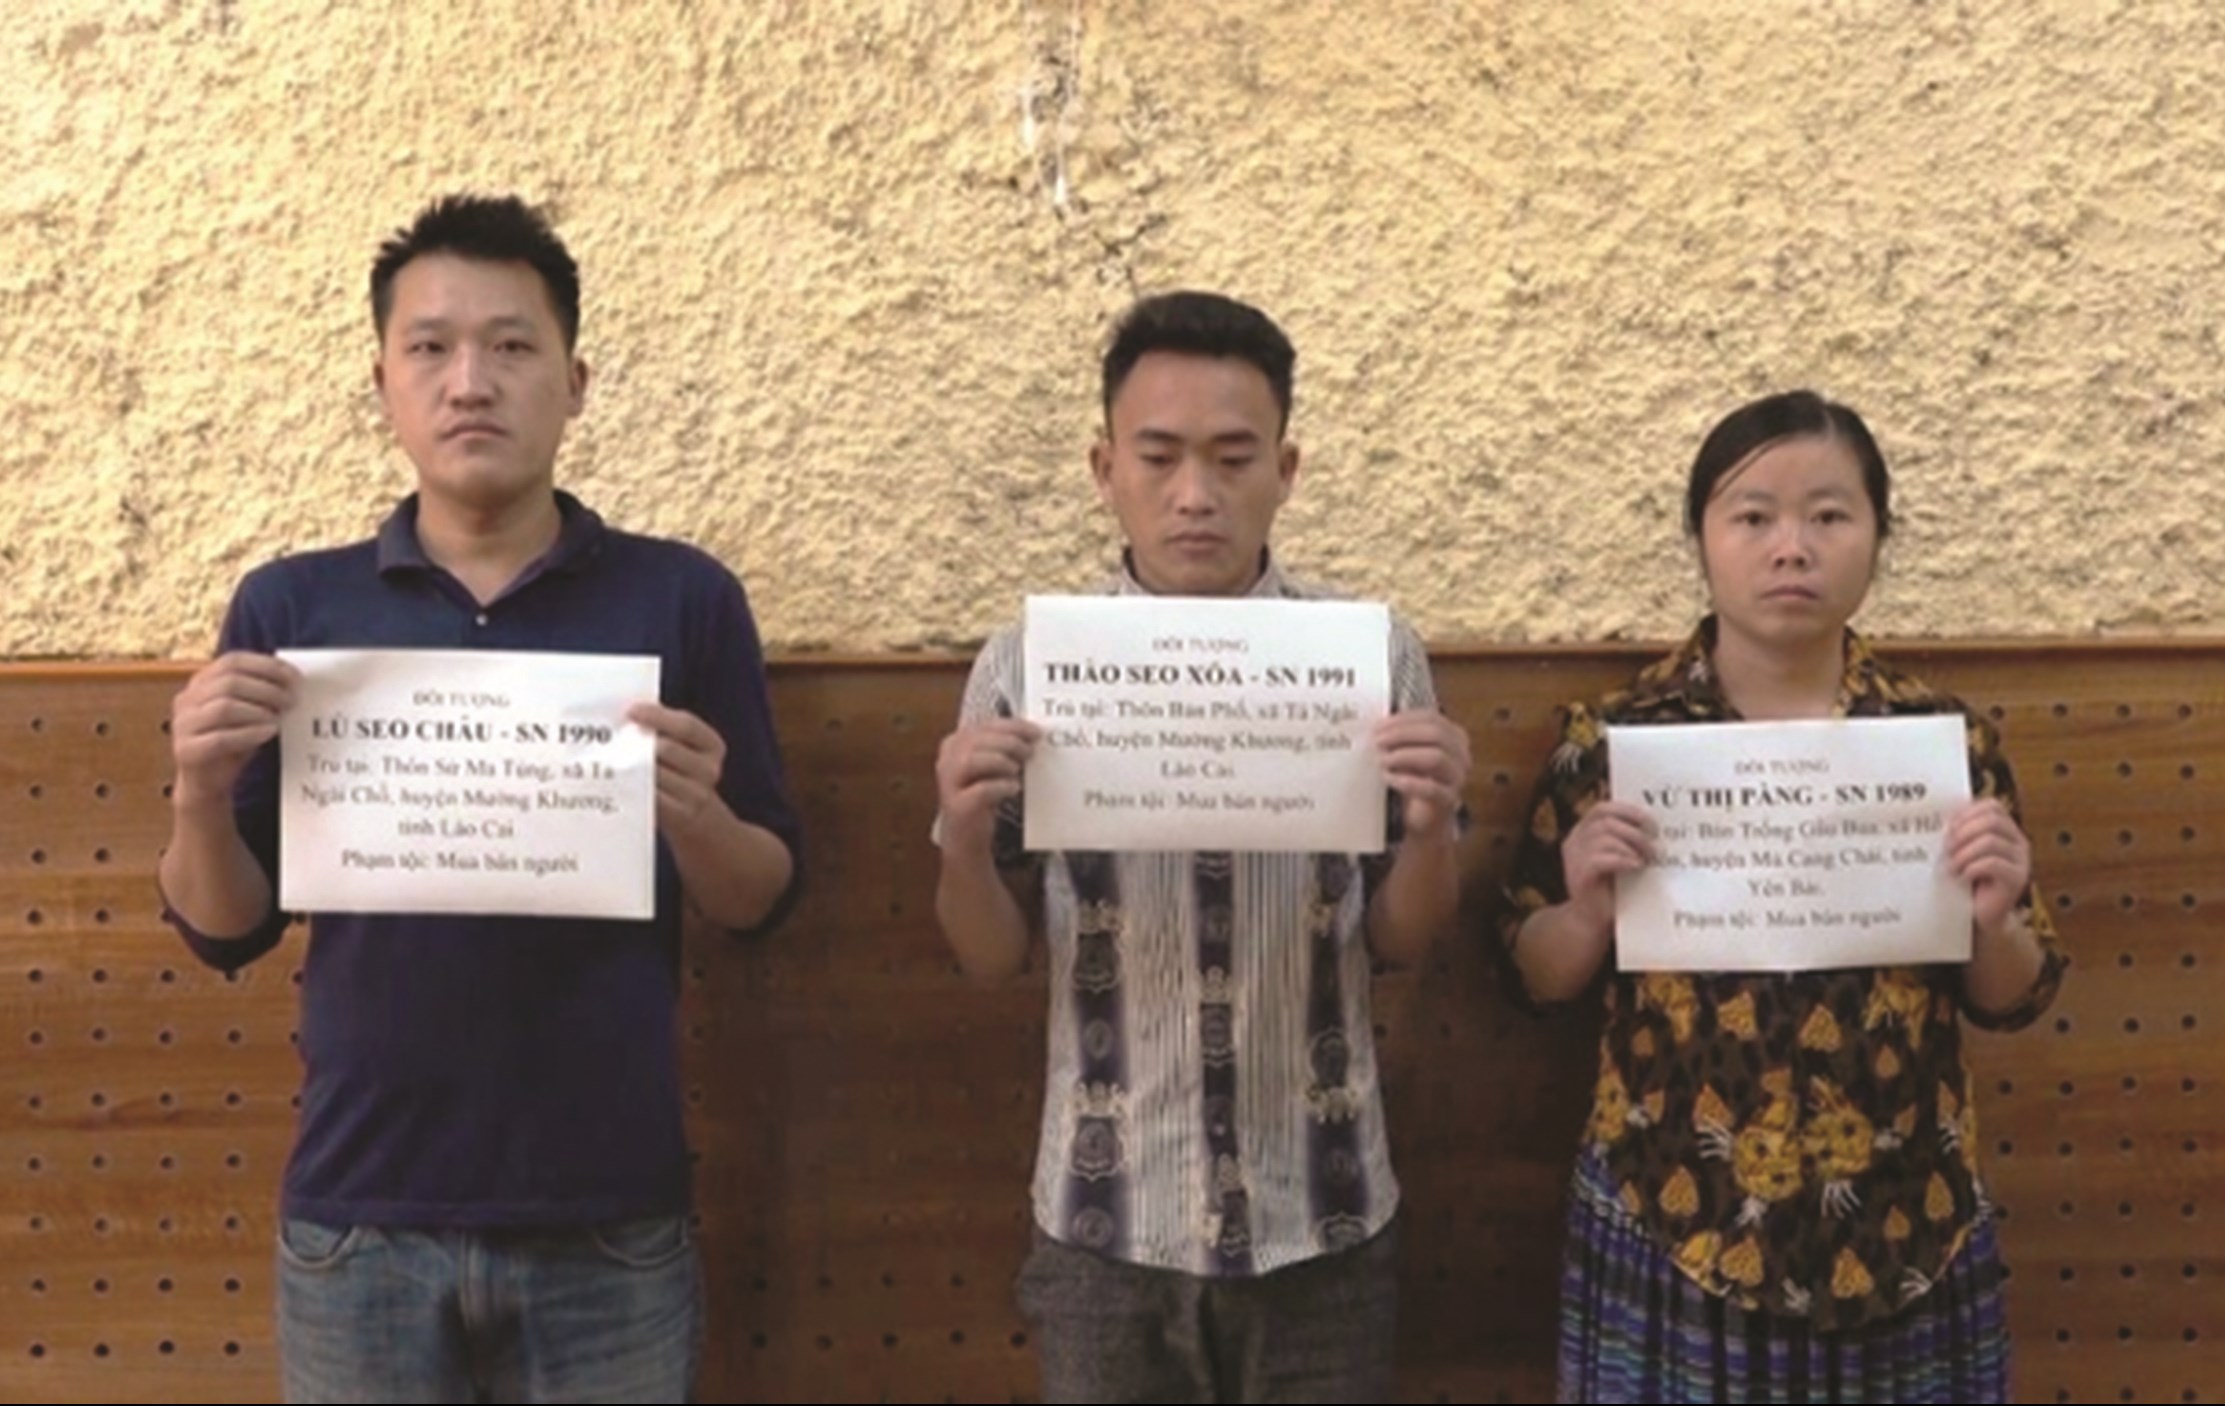 Đối tượng Vừ Thị Pàng (1988) trú tại xã Hồ Bốn, huyện Mù Cang Chải (Yên Bái); Thào Seo Xóa (1991) và Lù Seo Châu (1990), cùng trú tại xã Tả Ngài Chồ, huyện Mường Khương (Lào Cai) vừa bị khởi tố về hành vi mua bán người vào tháng 3/2020